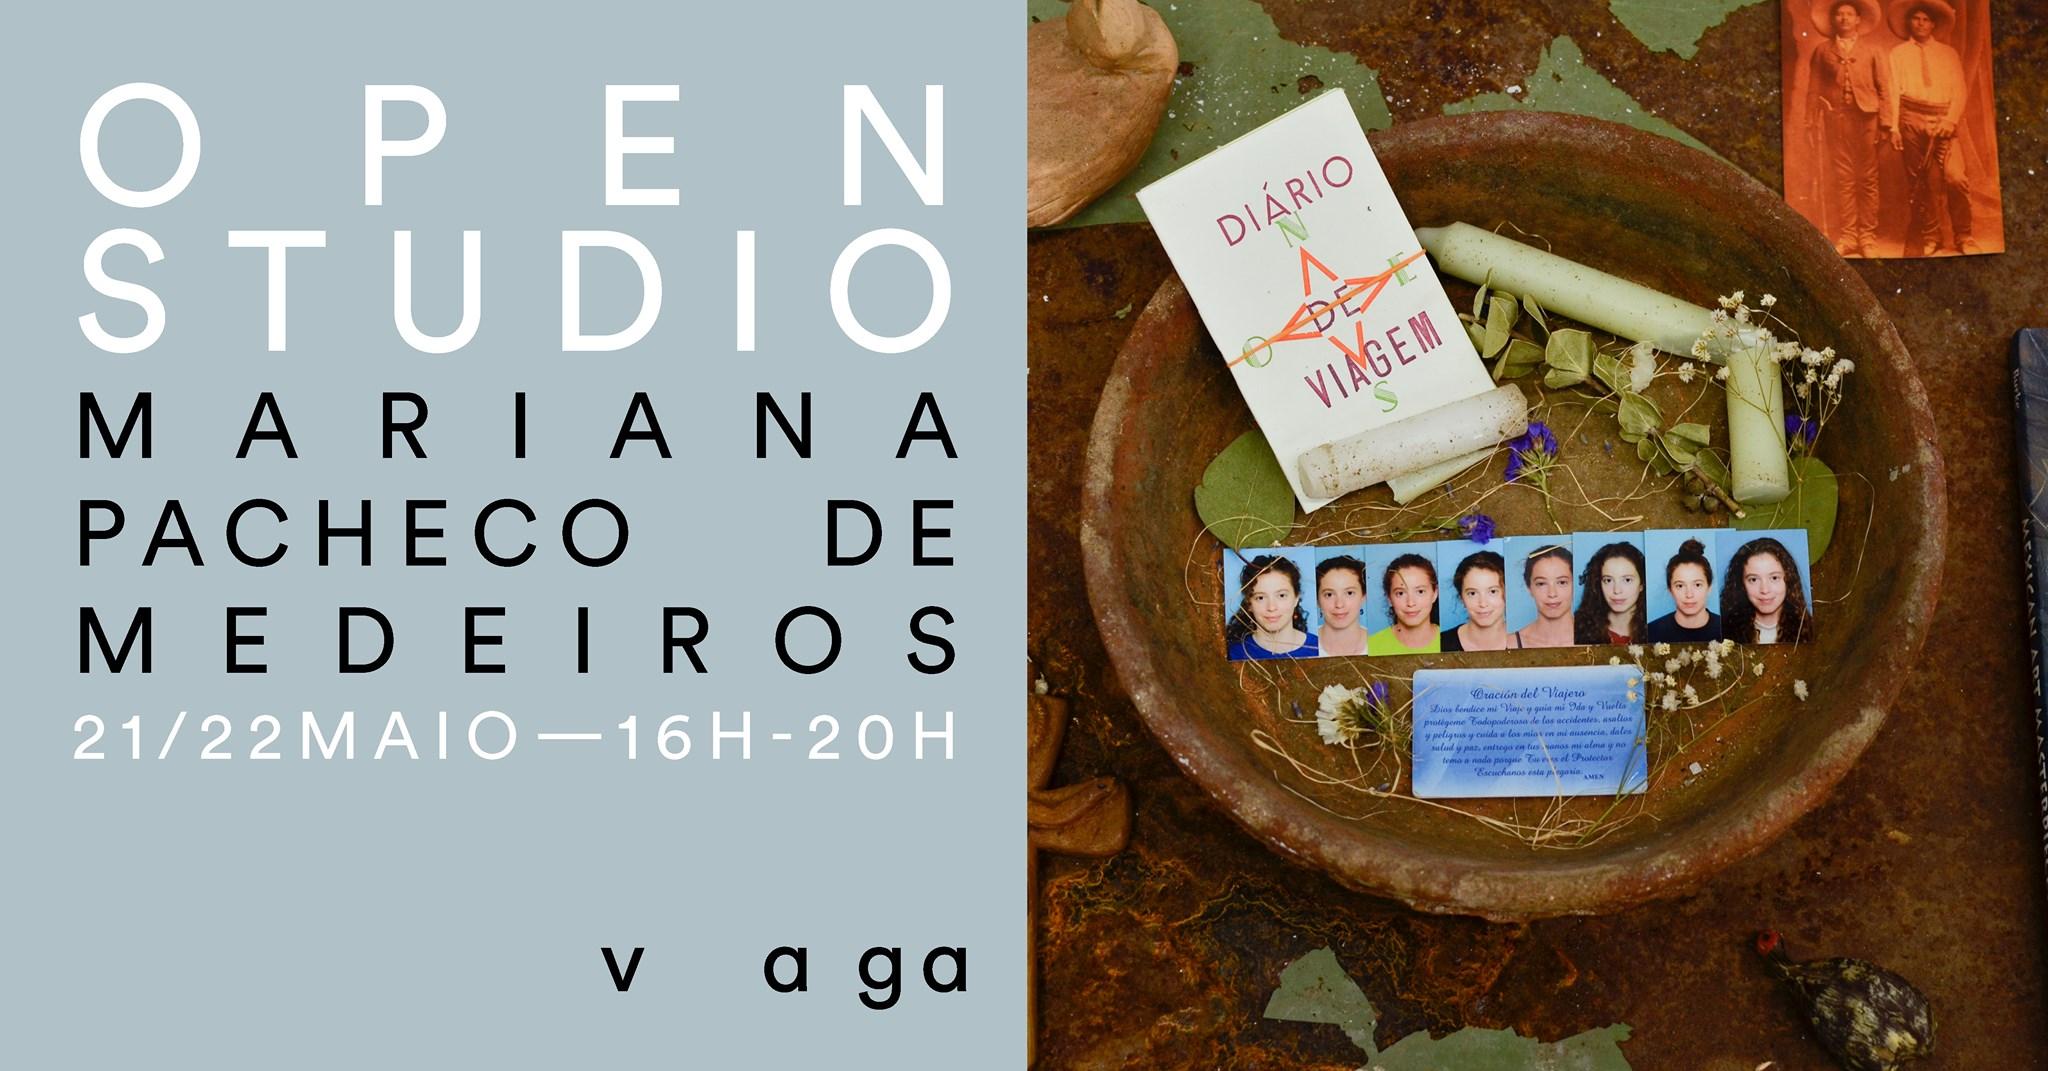 Open studio - Mariana Pacheco de Medeiros